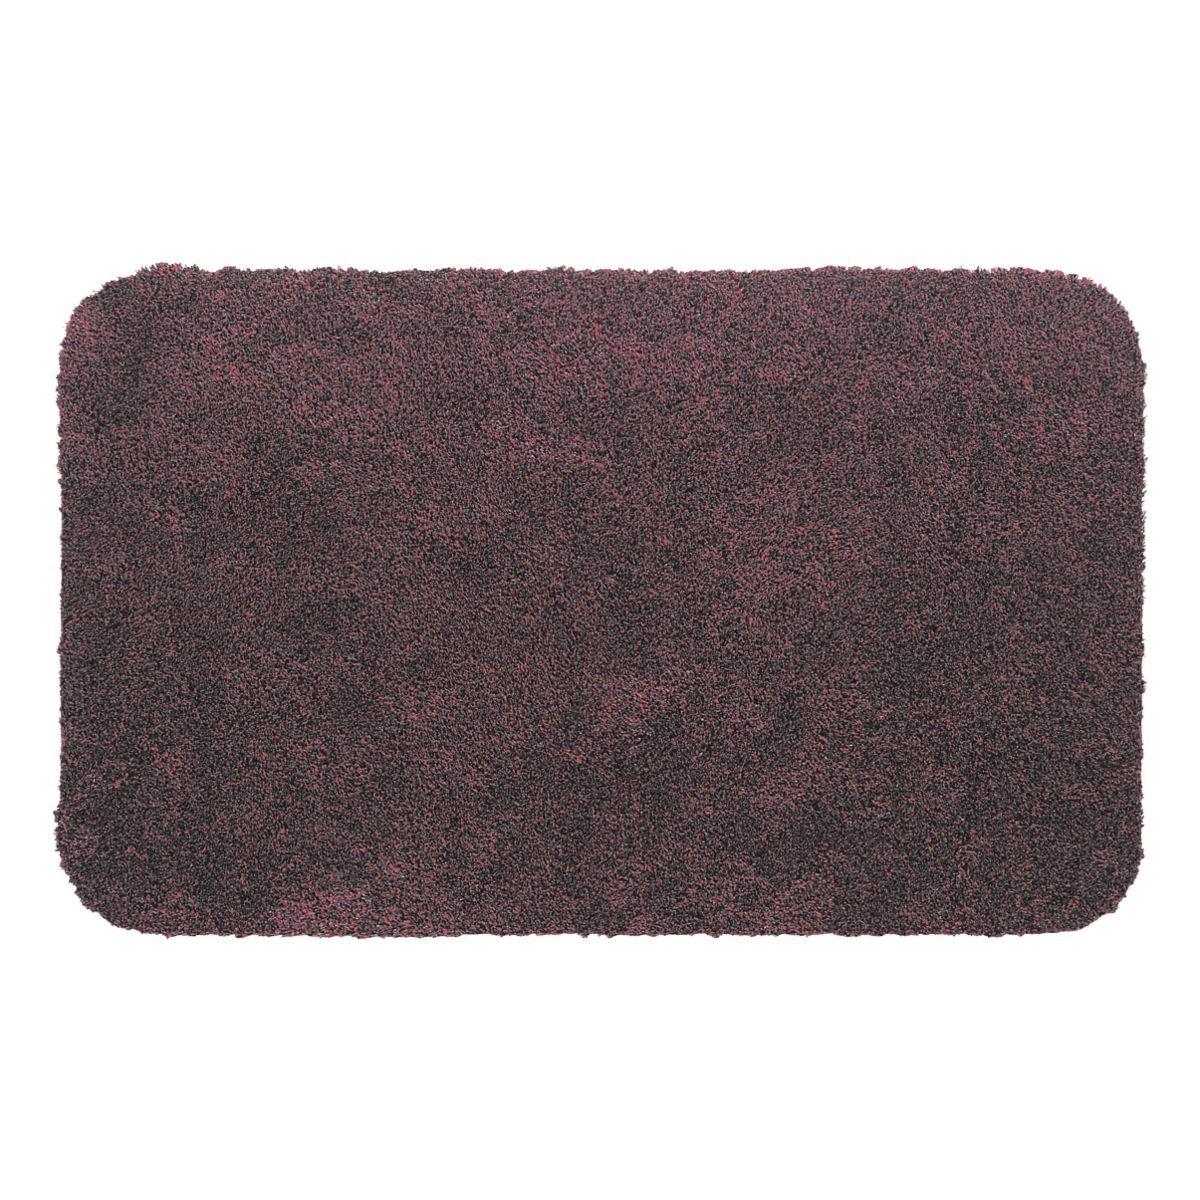 Fußmatte 40x60 cm »Aqua Luxe« | Heimtextilien > Fussmatten | KEINE MARKE